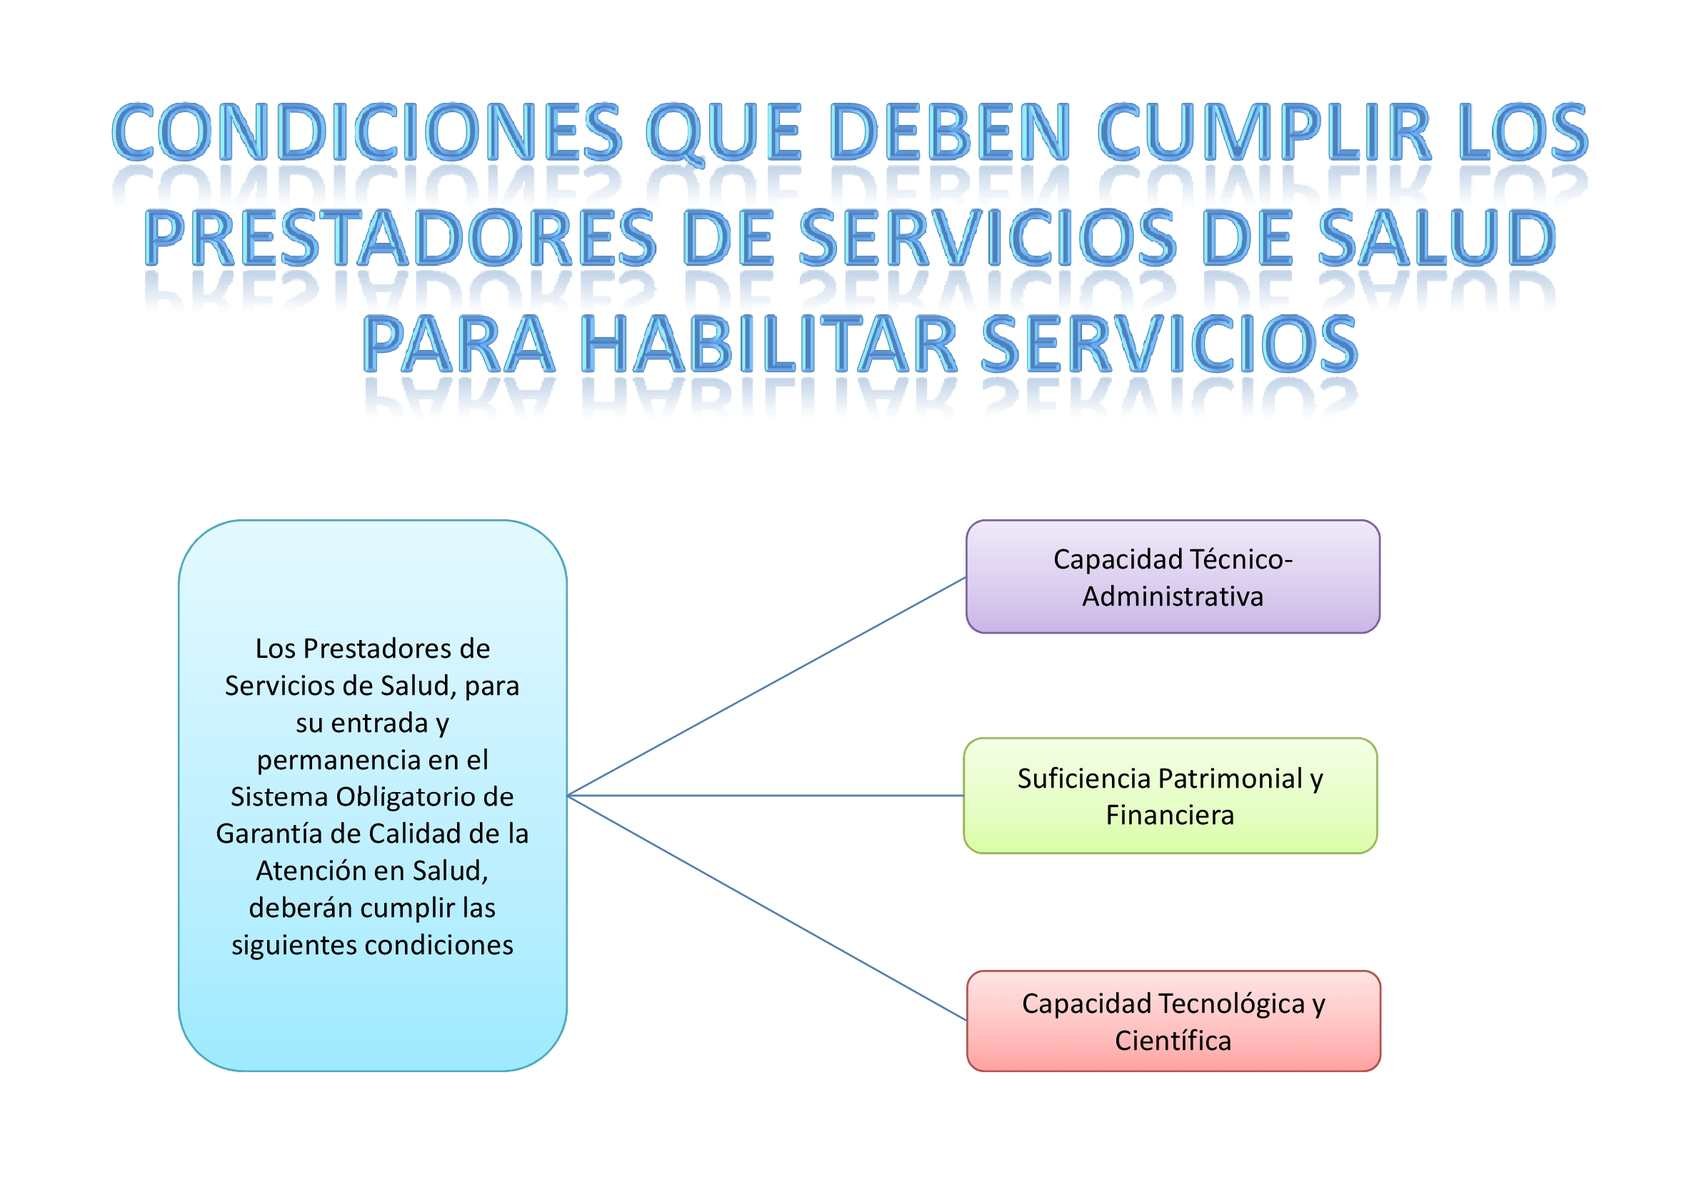 Condiciones Para Habilitación De Los Servicios